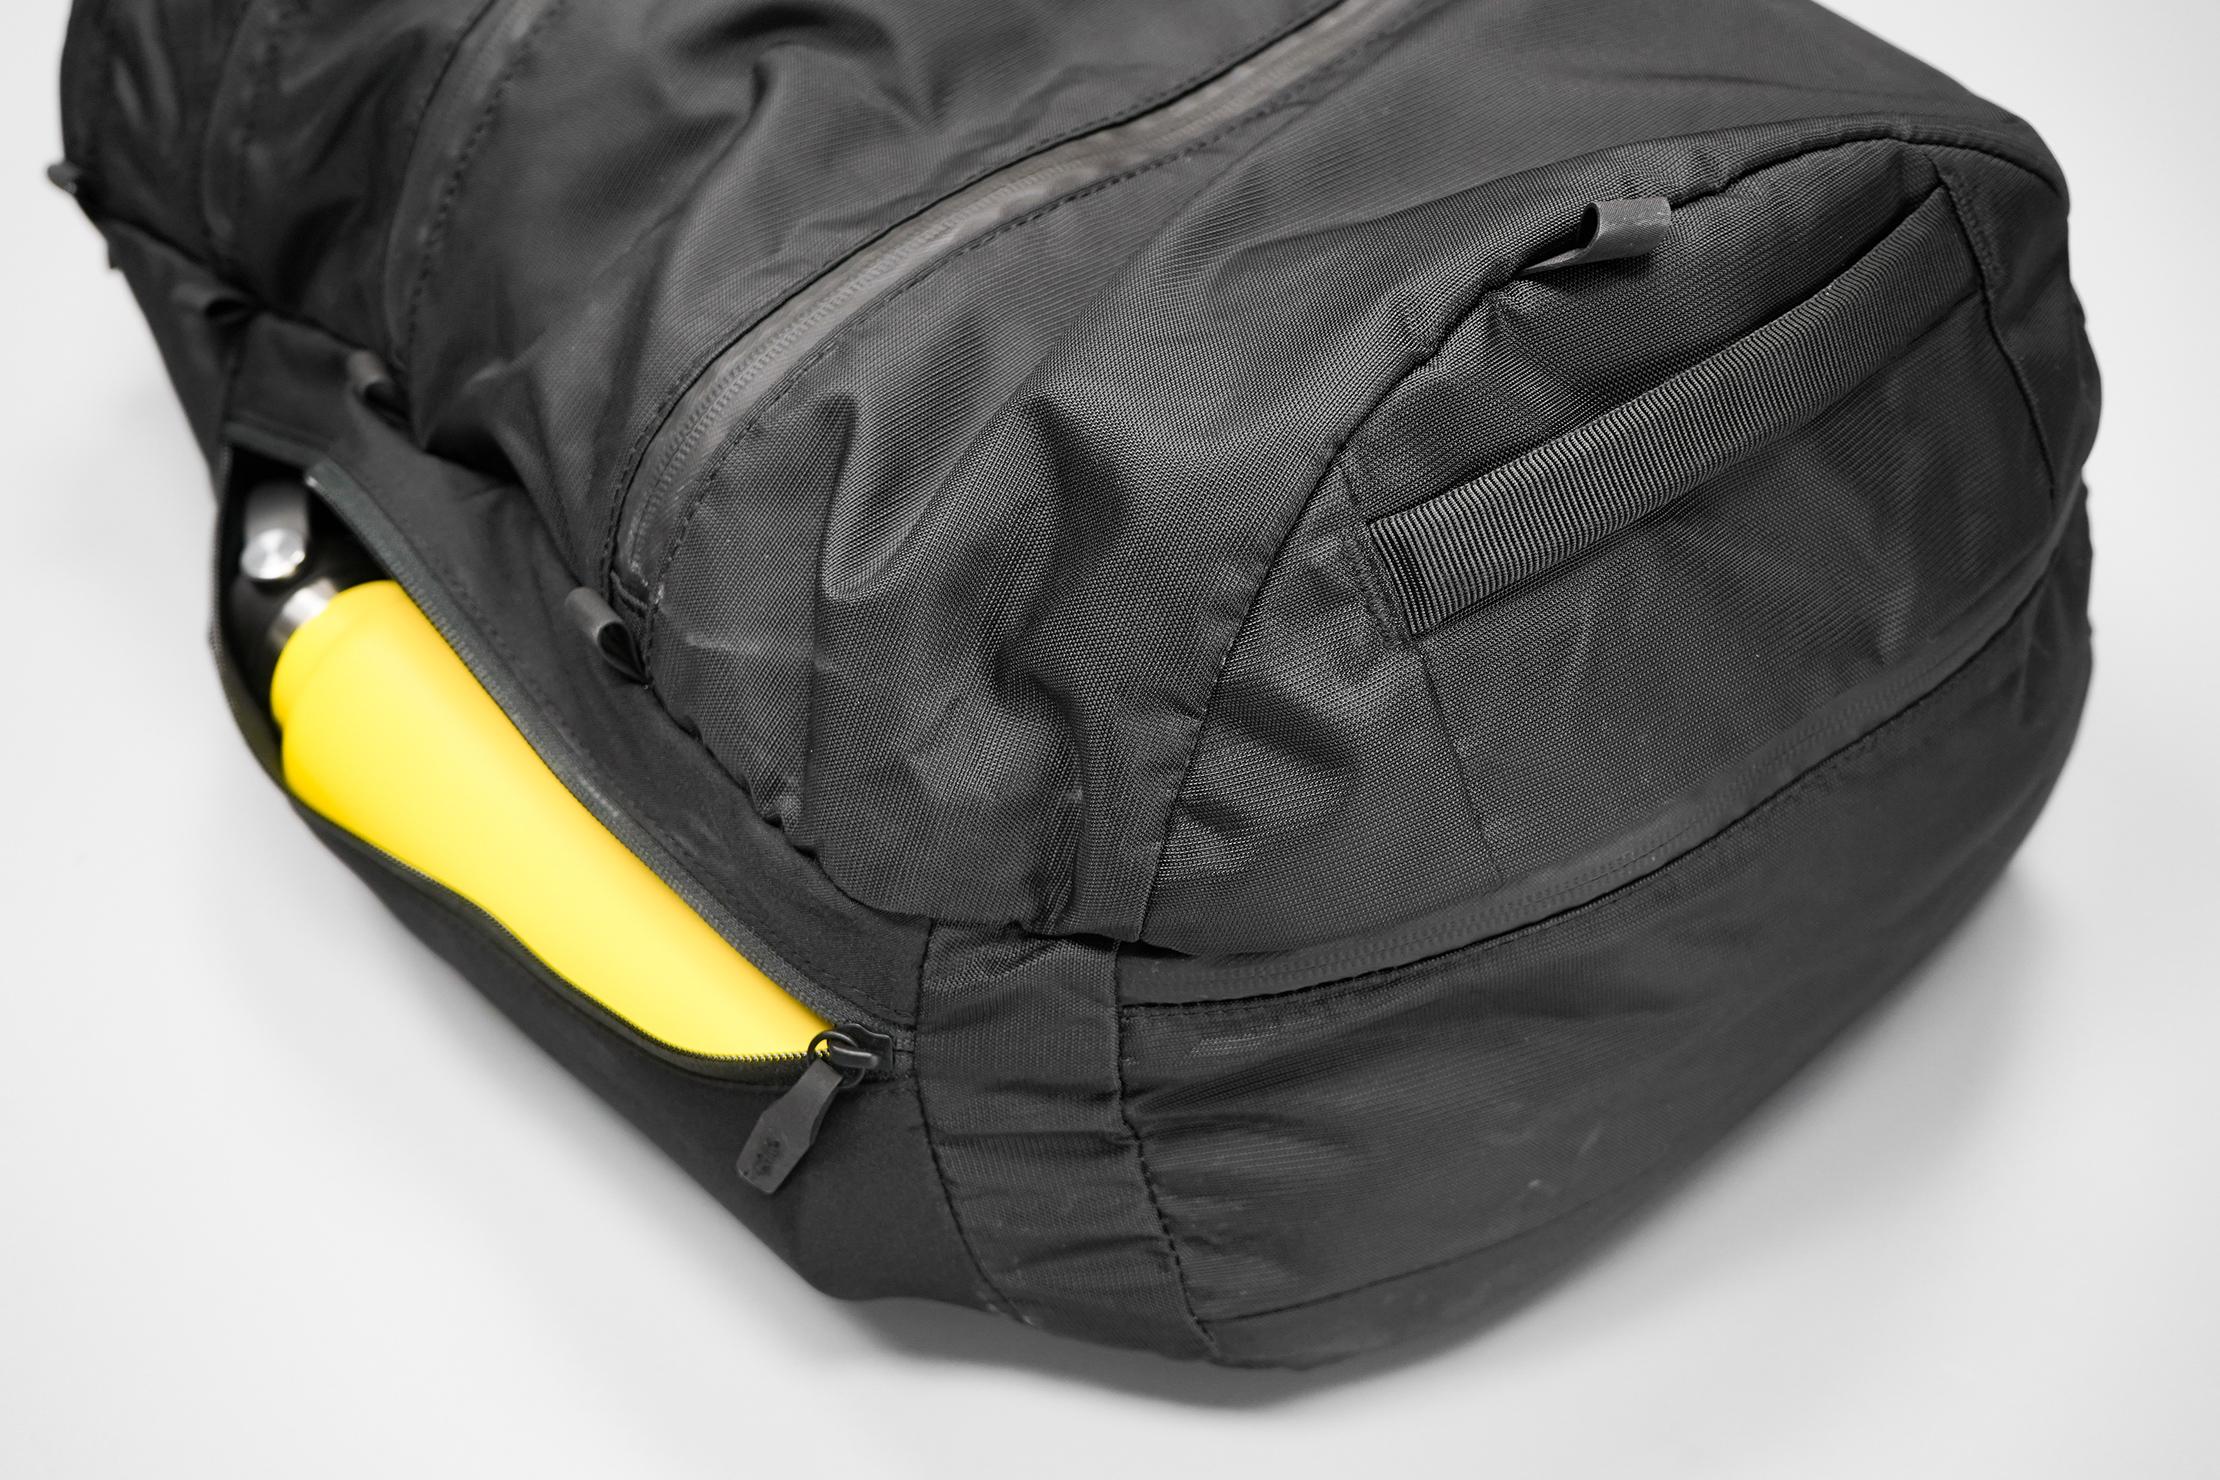 Matador SEG30 Backpack | Bottom handle, loops, and side pocket